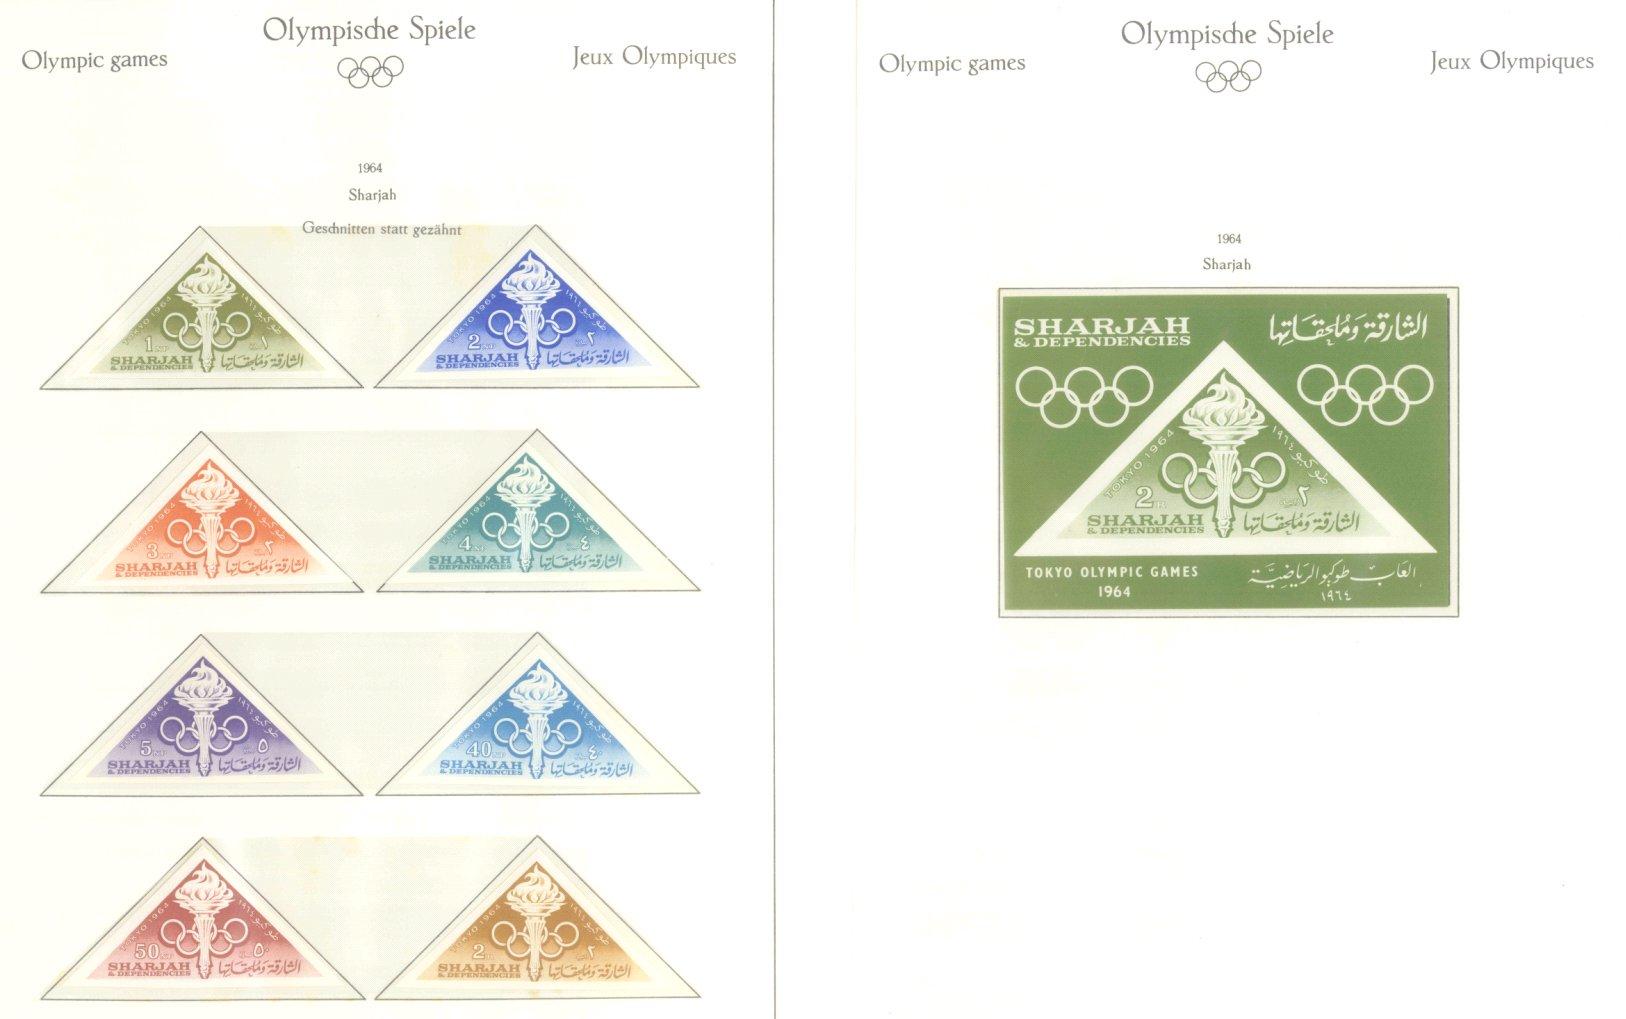 OLYMPISCHE SPIELE 1964 TOKIO, postfrische Sammlung Teil 2-36